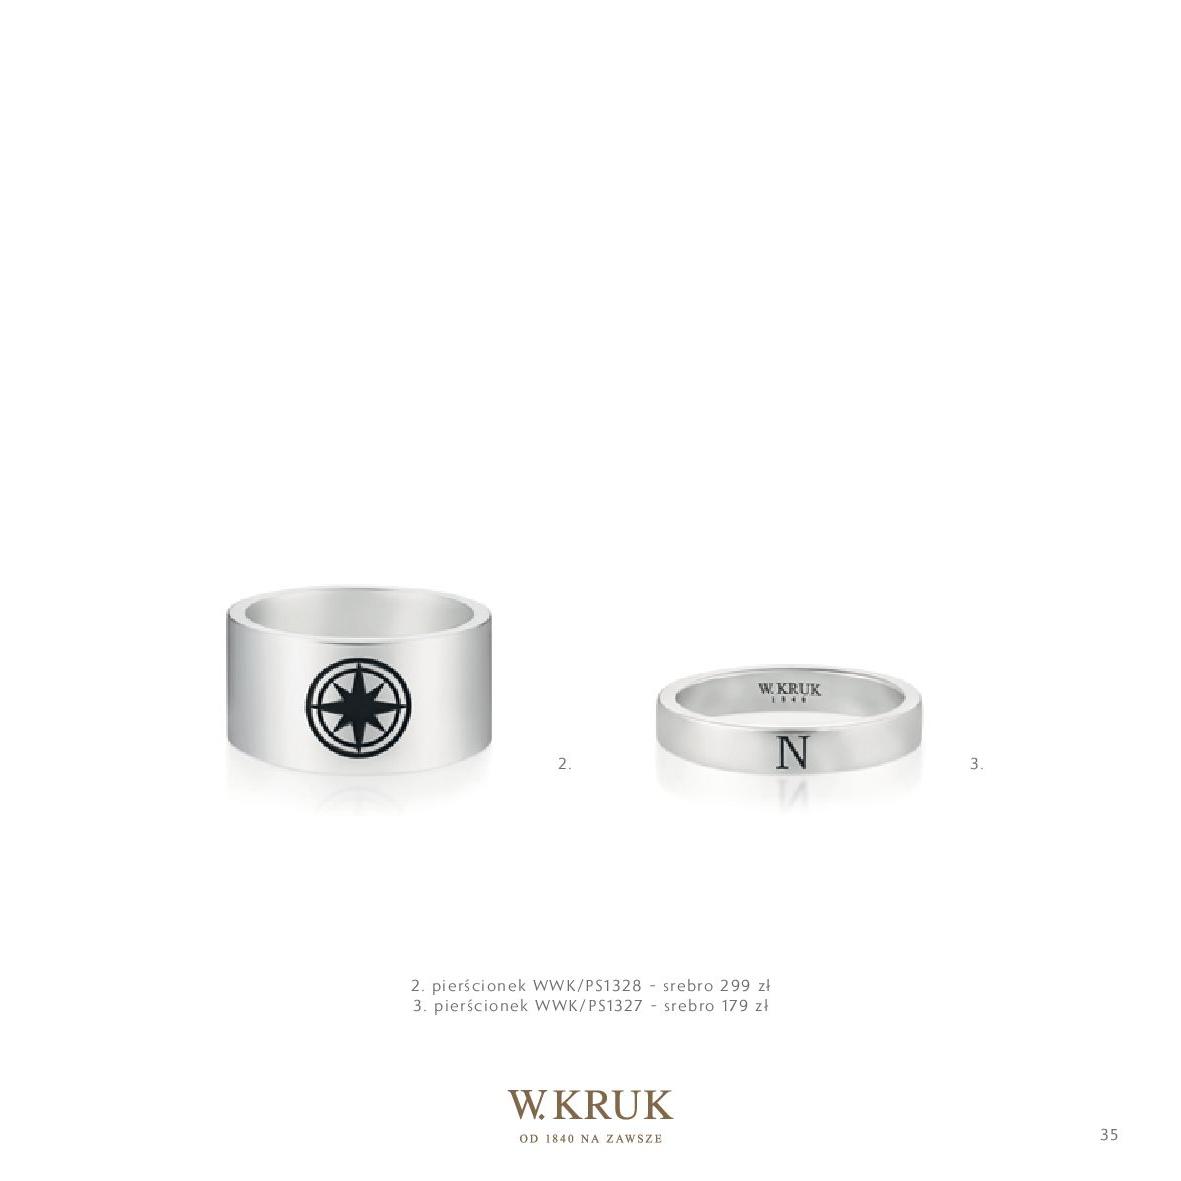 Gazetka W. KRUK: Katalog - Kolekcja Freedom 2021-02-17 page-37